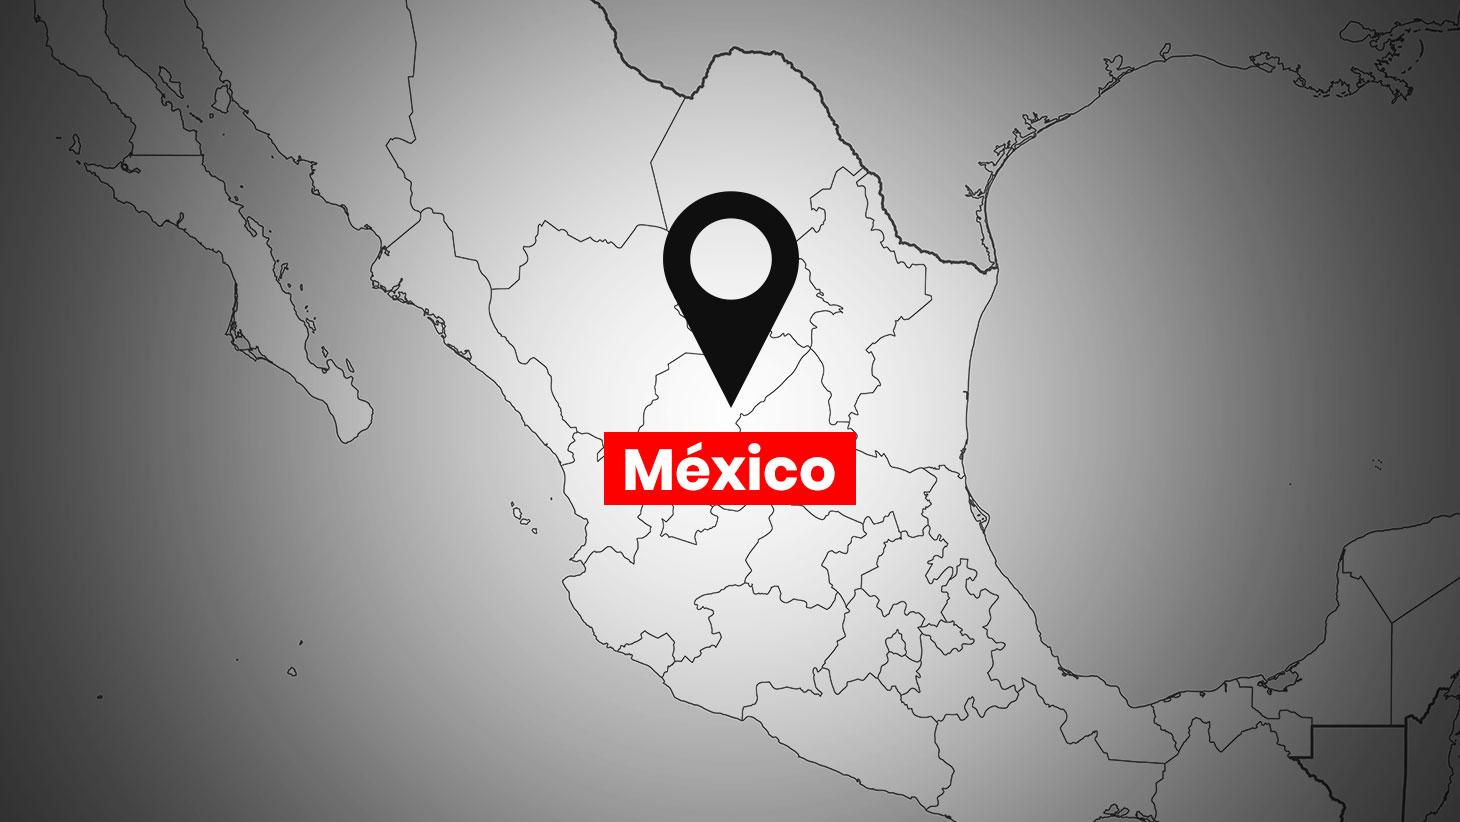 ESSS, Parceira Elite ANSYS, amplia sua operação no México com portfólio completo de soluções de simulação